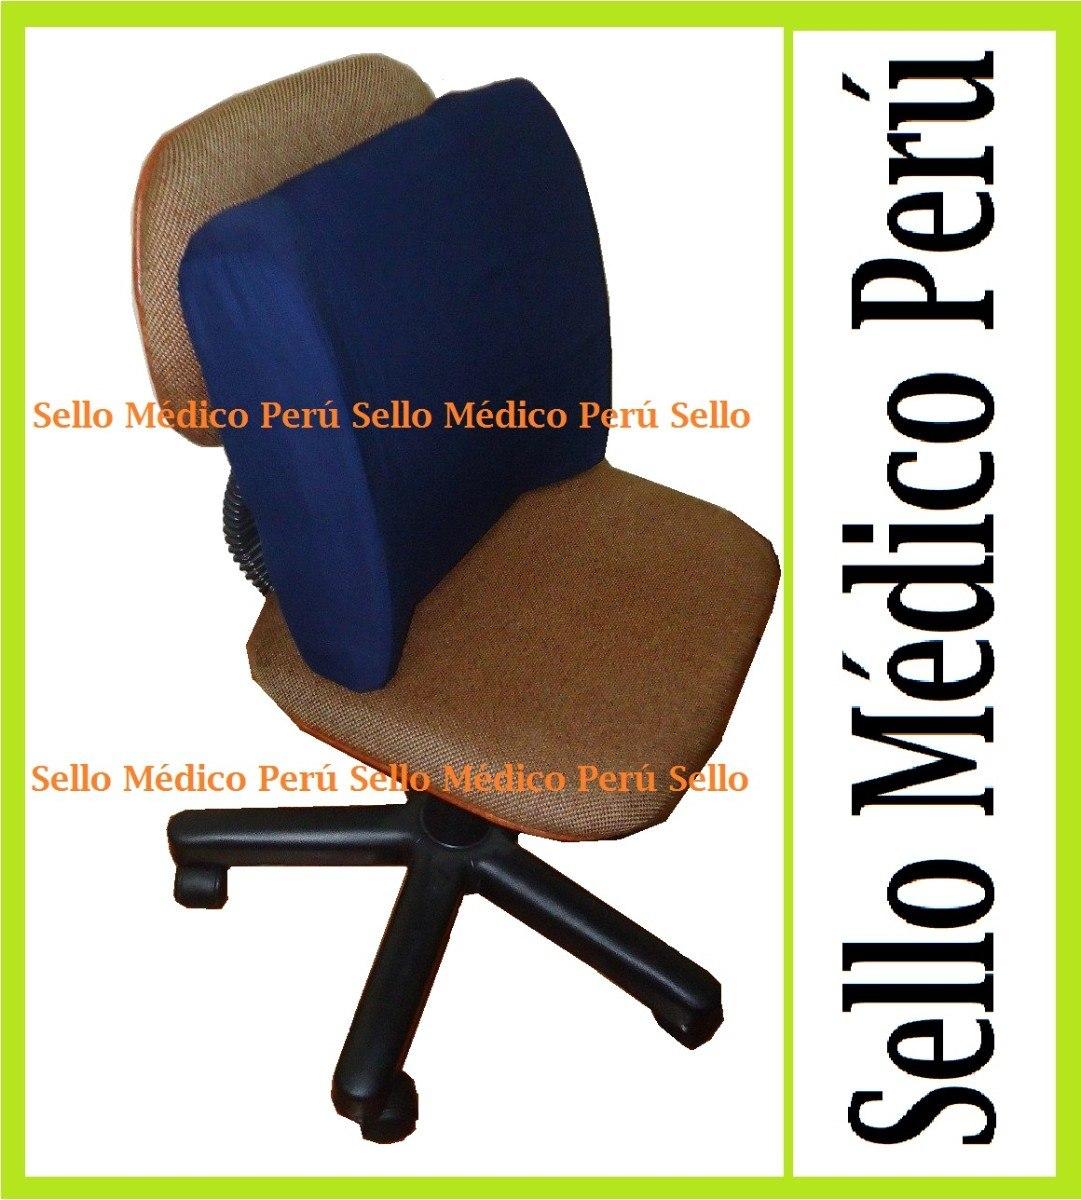 Dia d padre cojin lumbar auto oficina silla rueda calor for Cojin lumbar silla oficina